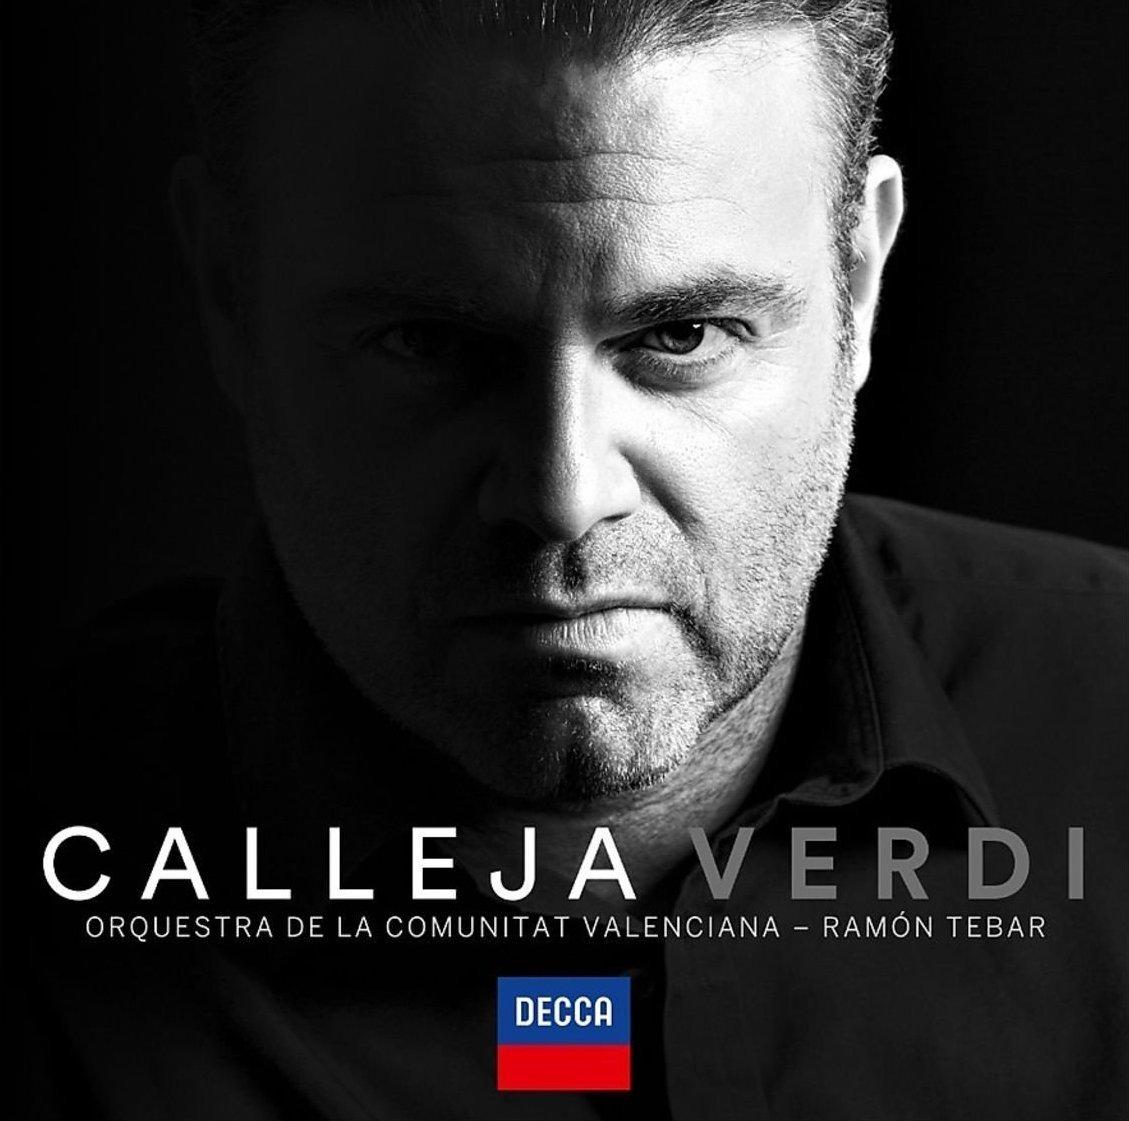 Calleja Verdi